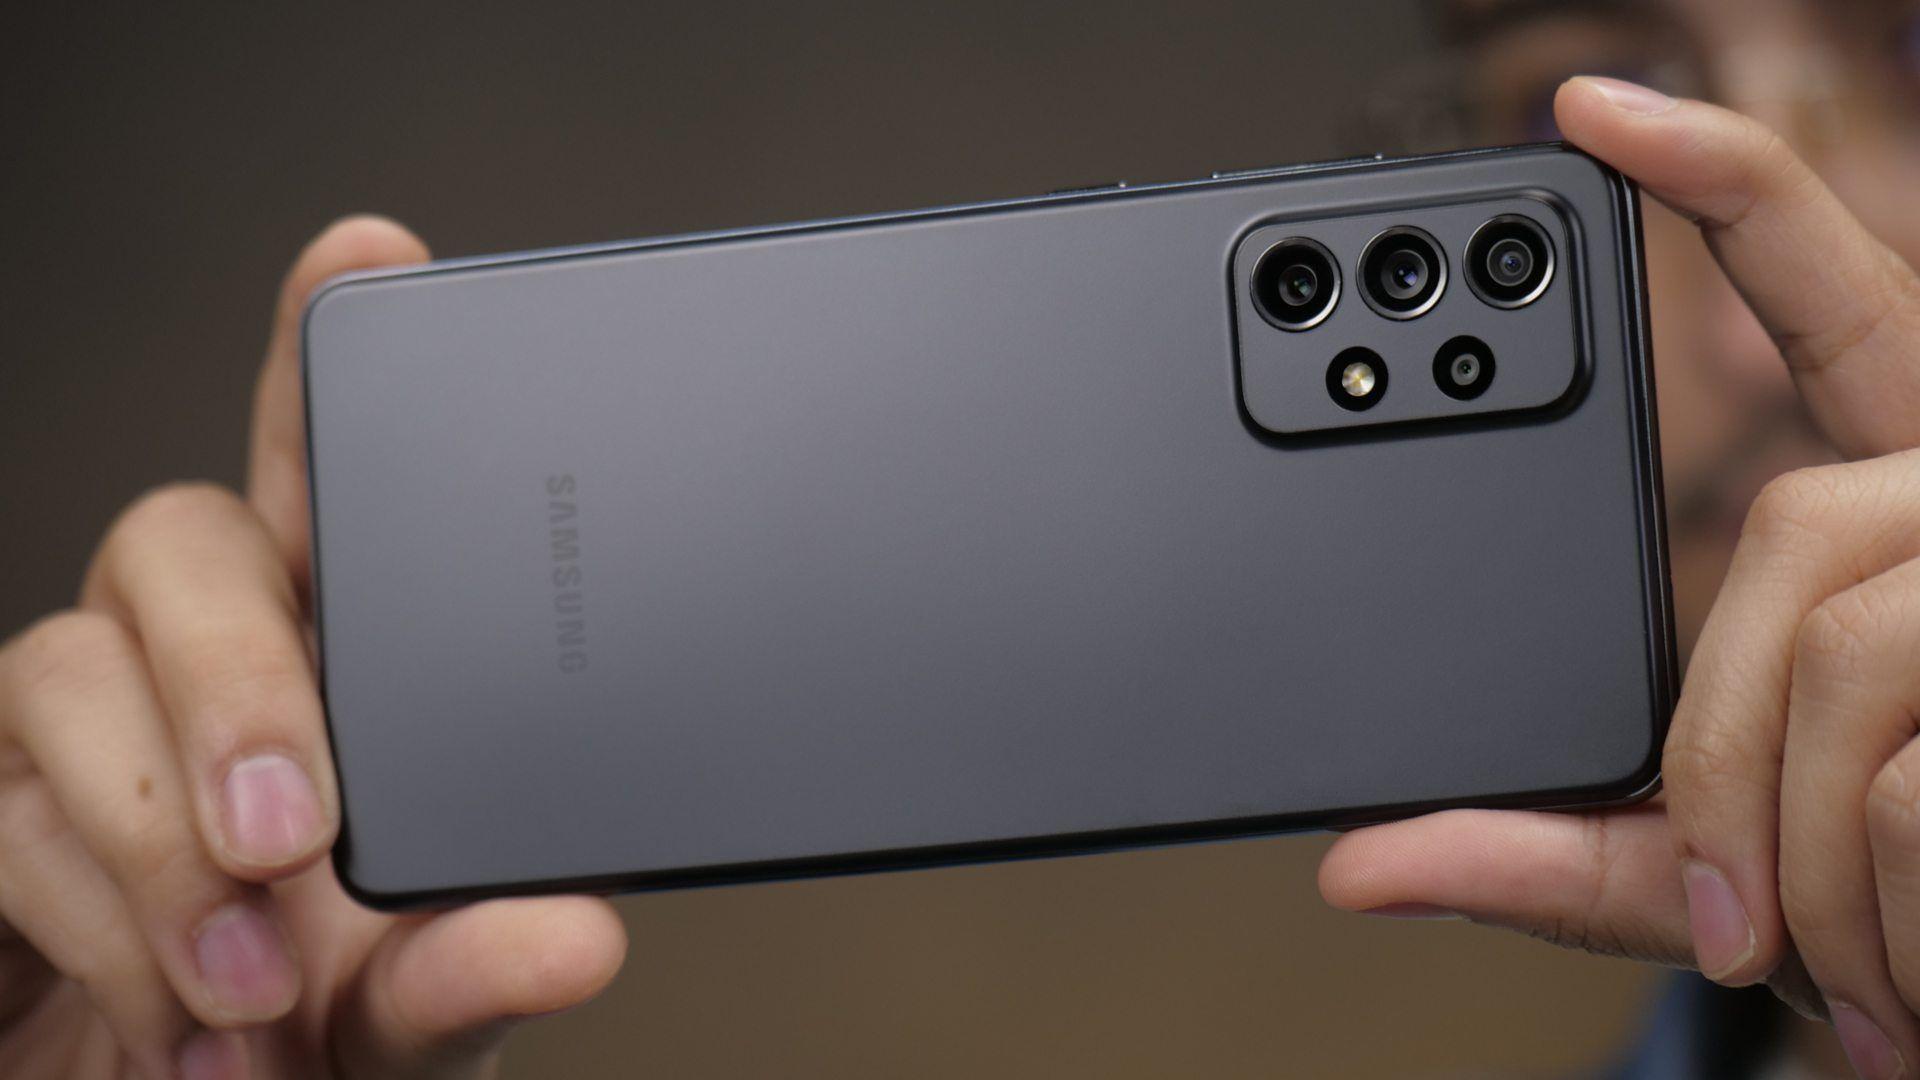 Homem segurando o celular Galaxy A72 preto na horizontal para tirar fotos